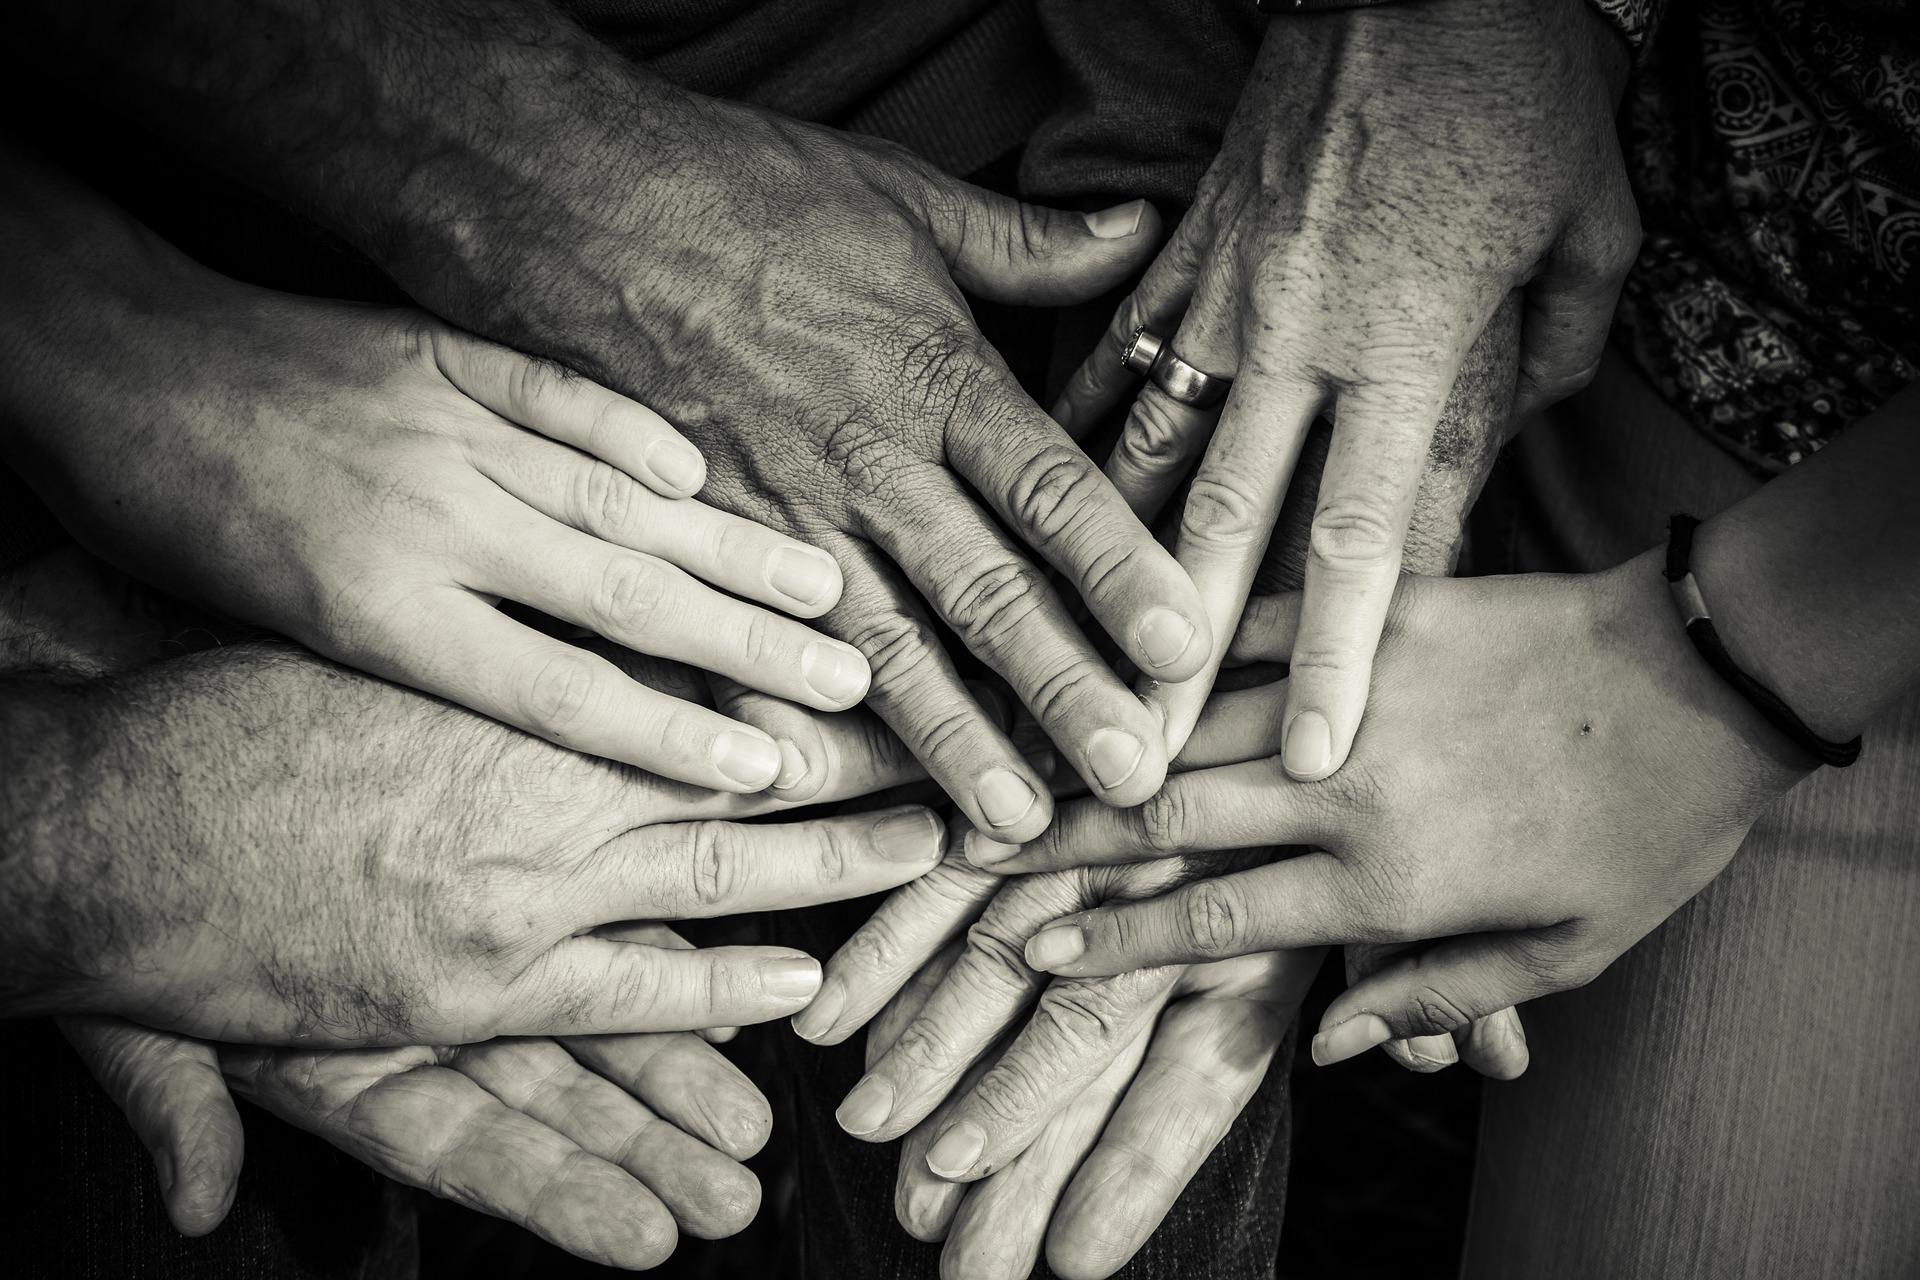 hands-4114905 1920 0